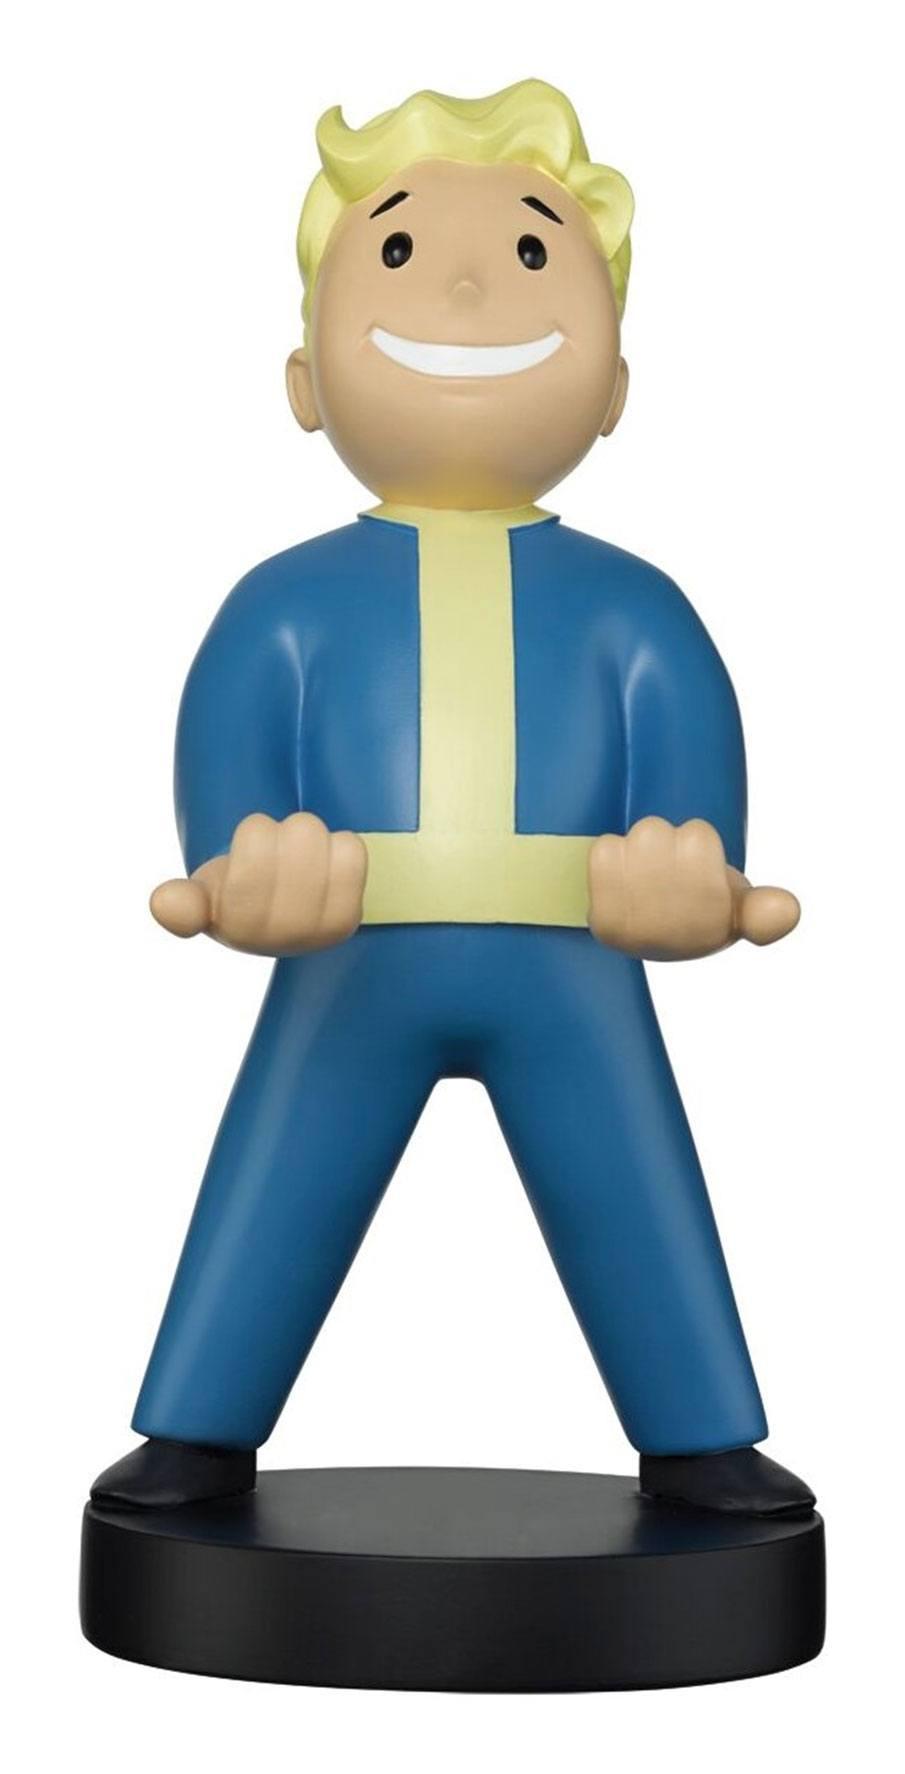 Fallout Cable Guy Vault Boy 20 cm